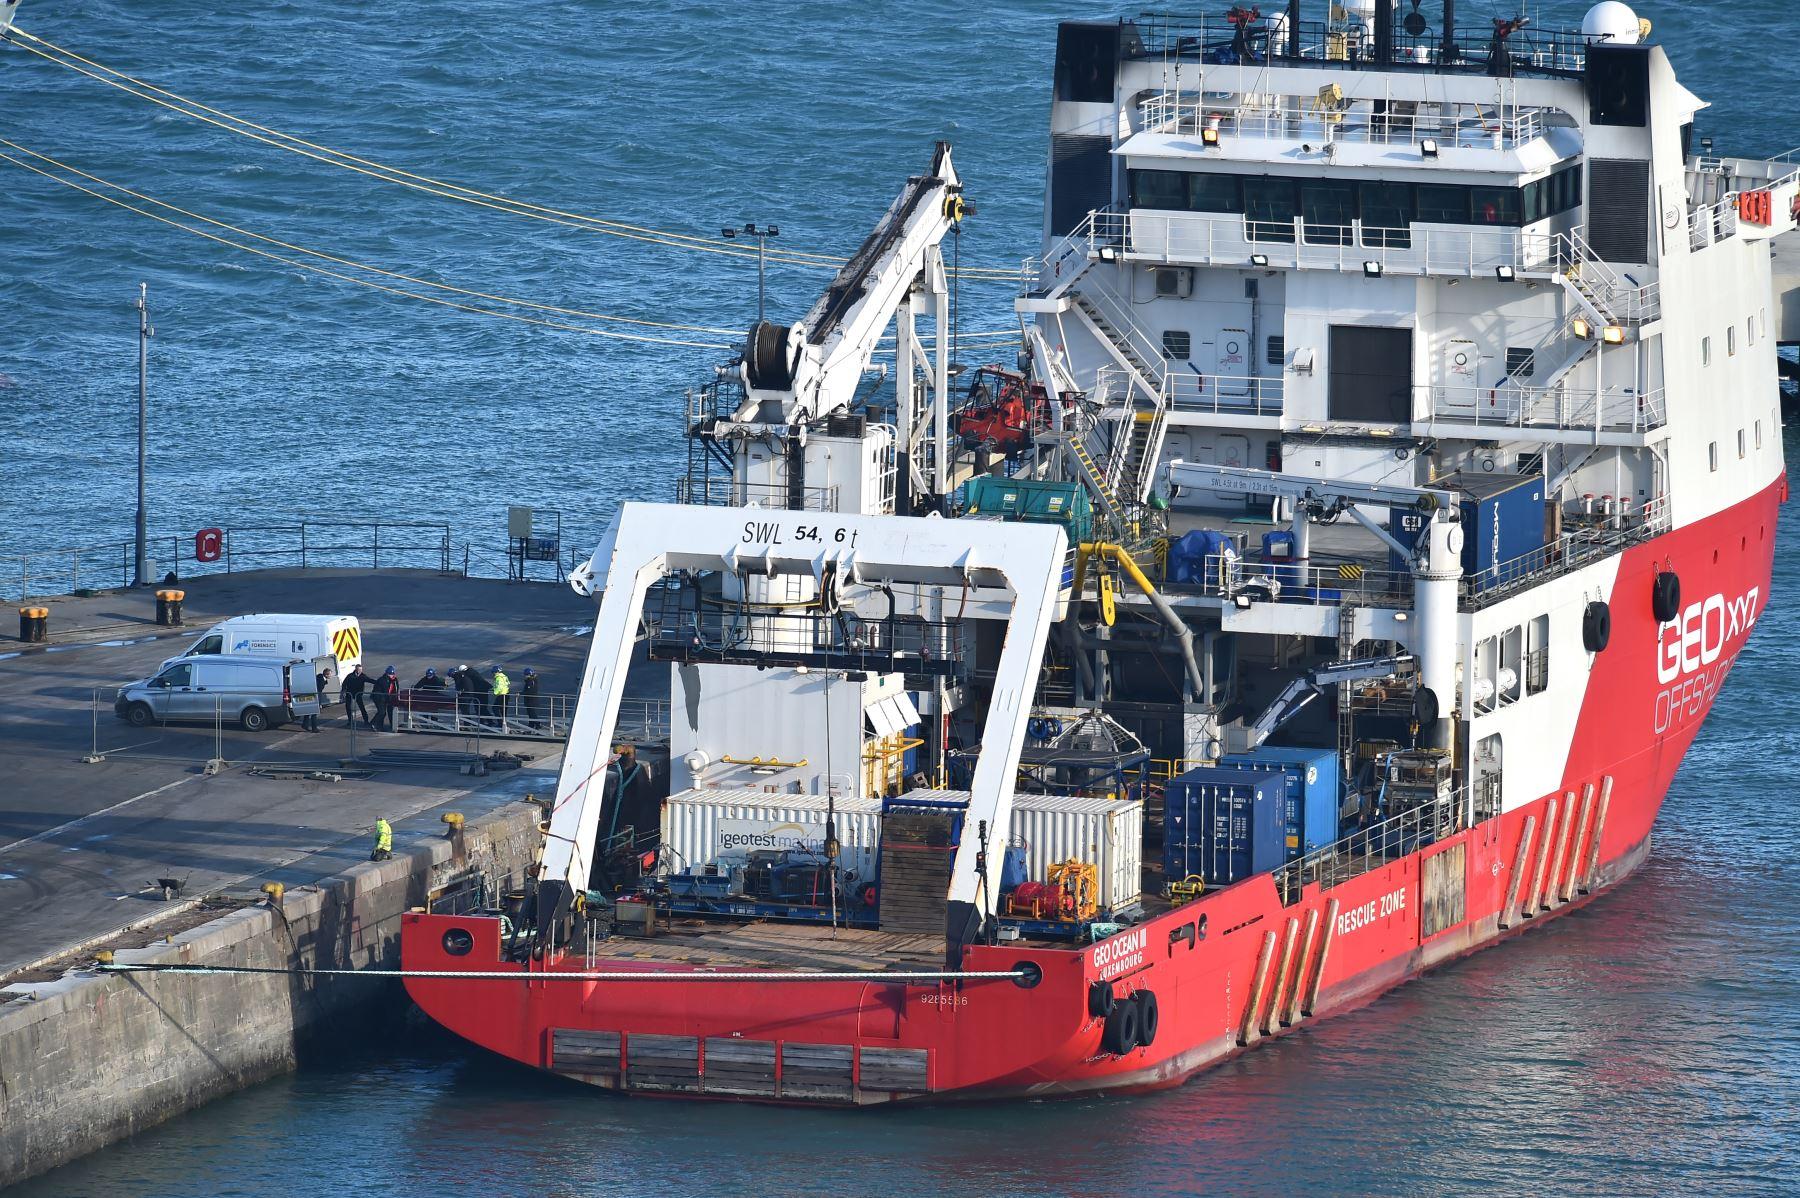 Se retiró un cuerpo del Geo Ocean III, recuperado de los restos de un avión que transportaba al futbolista argentino Emiliano Sala en el puerto de Weymouth, suroeste de Inglaterra.  Los investigadores recuperaron un cuerpo en el Canal y lo transportaron a Gran Bretaña para identificación. Foto: AFP